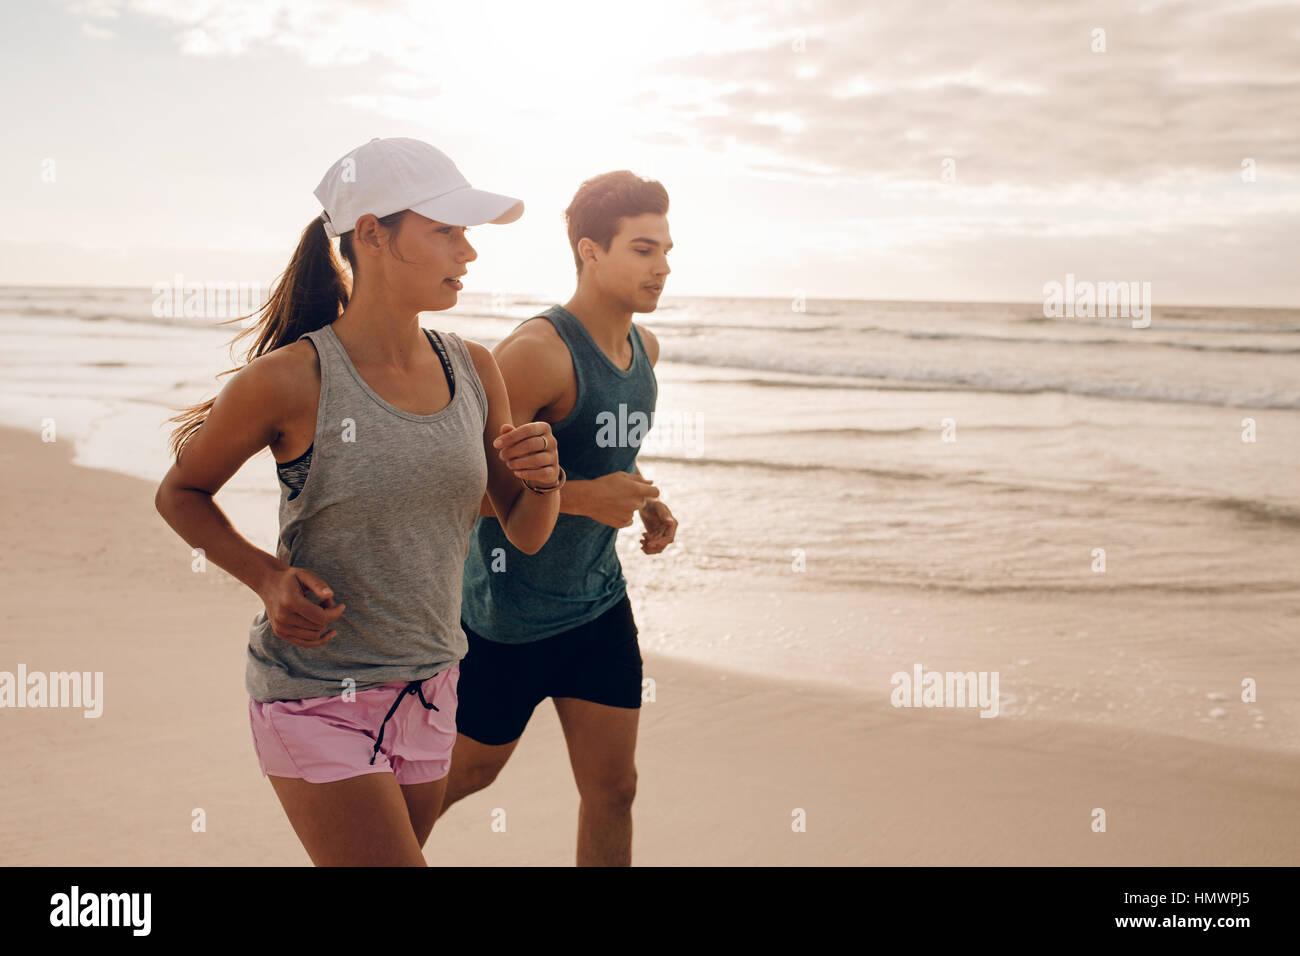 Junges Paar zusammen am Strand laufen. Im Freien Schuss des jungen Paares auf Morgenlauf. Stockbild